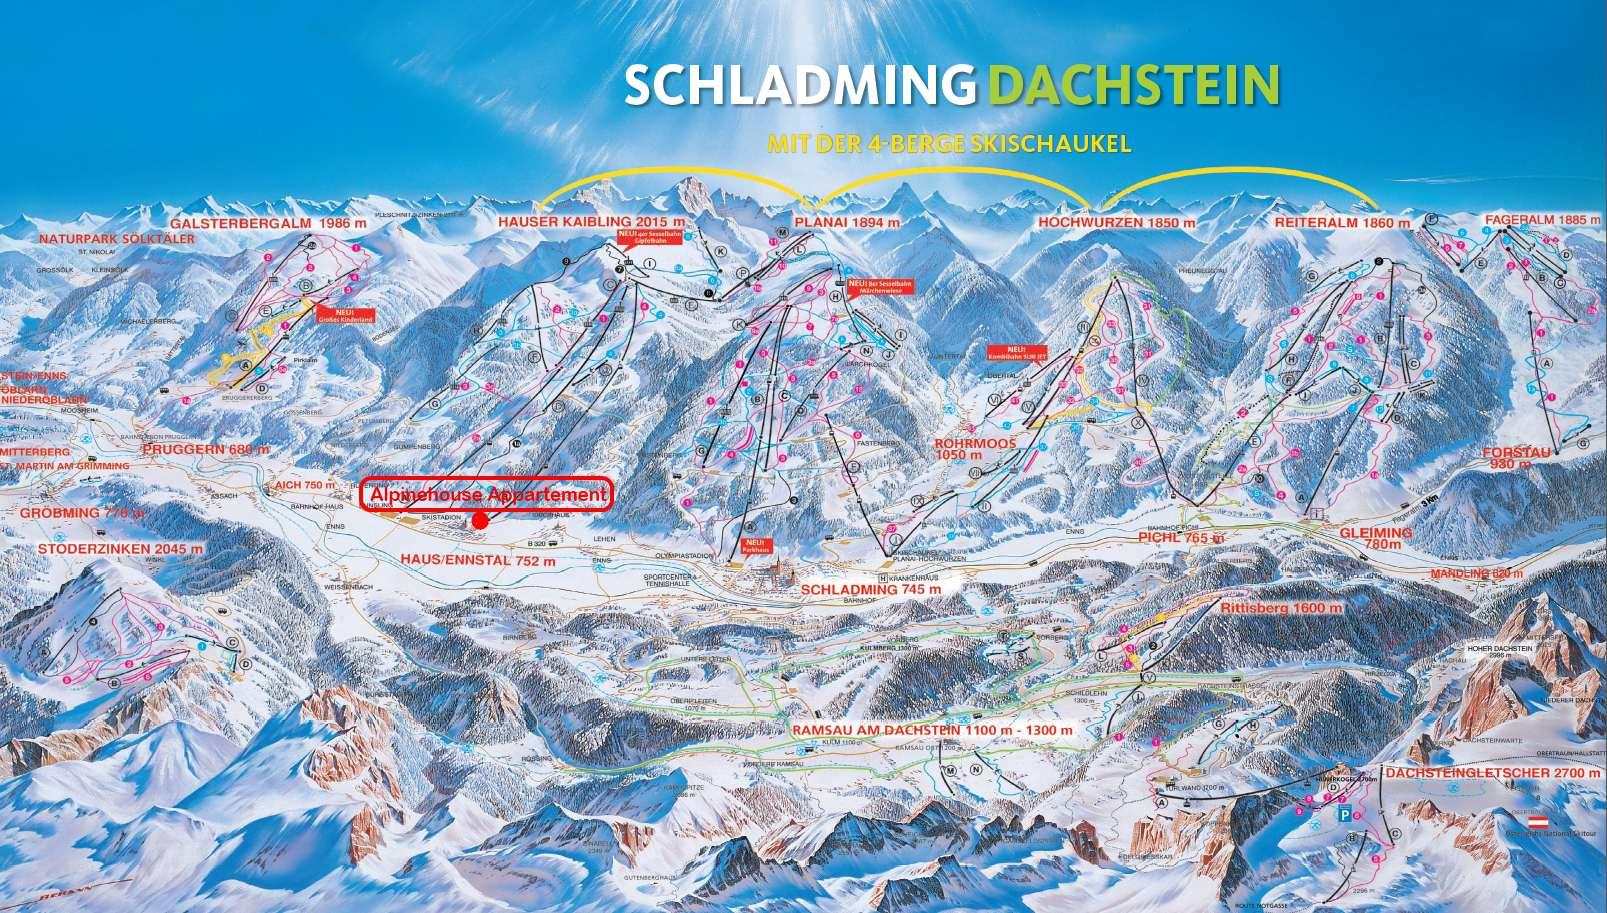 4-Berge SkiSchaukel